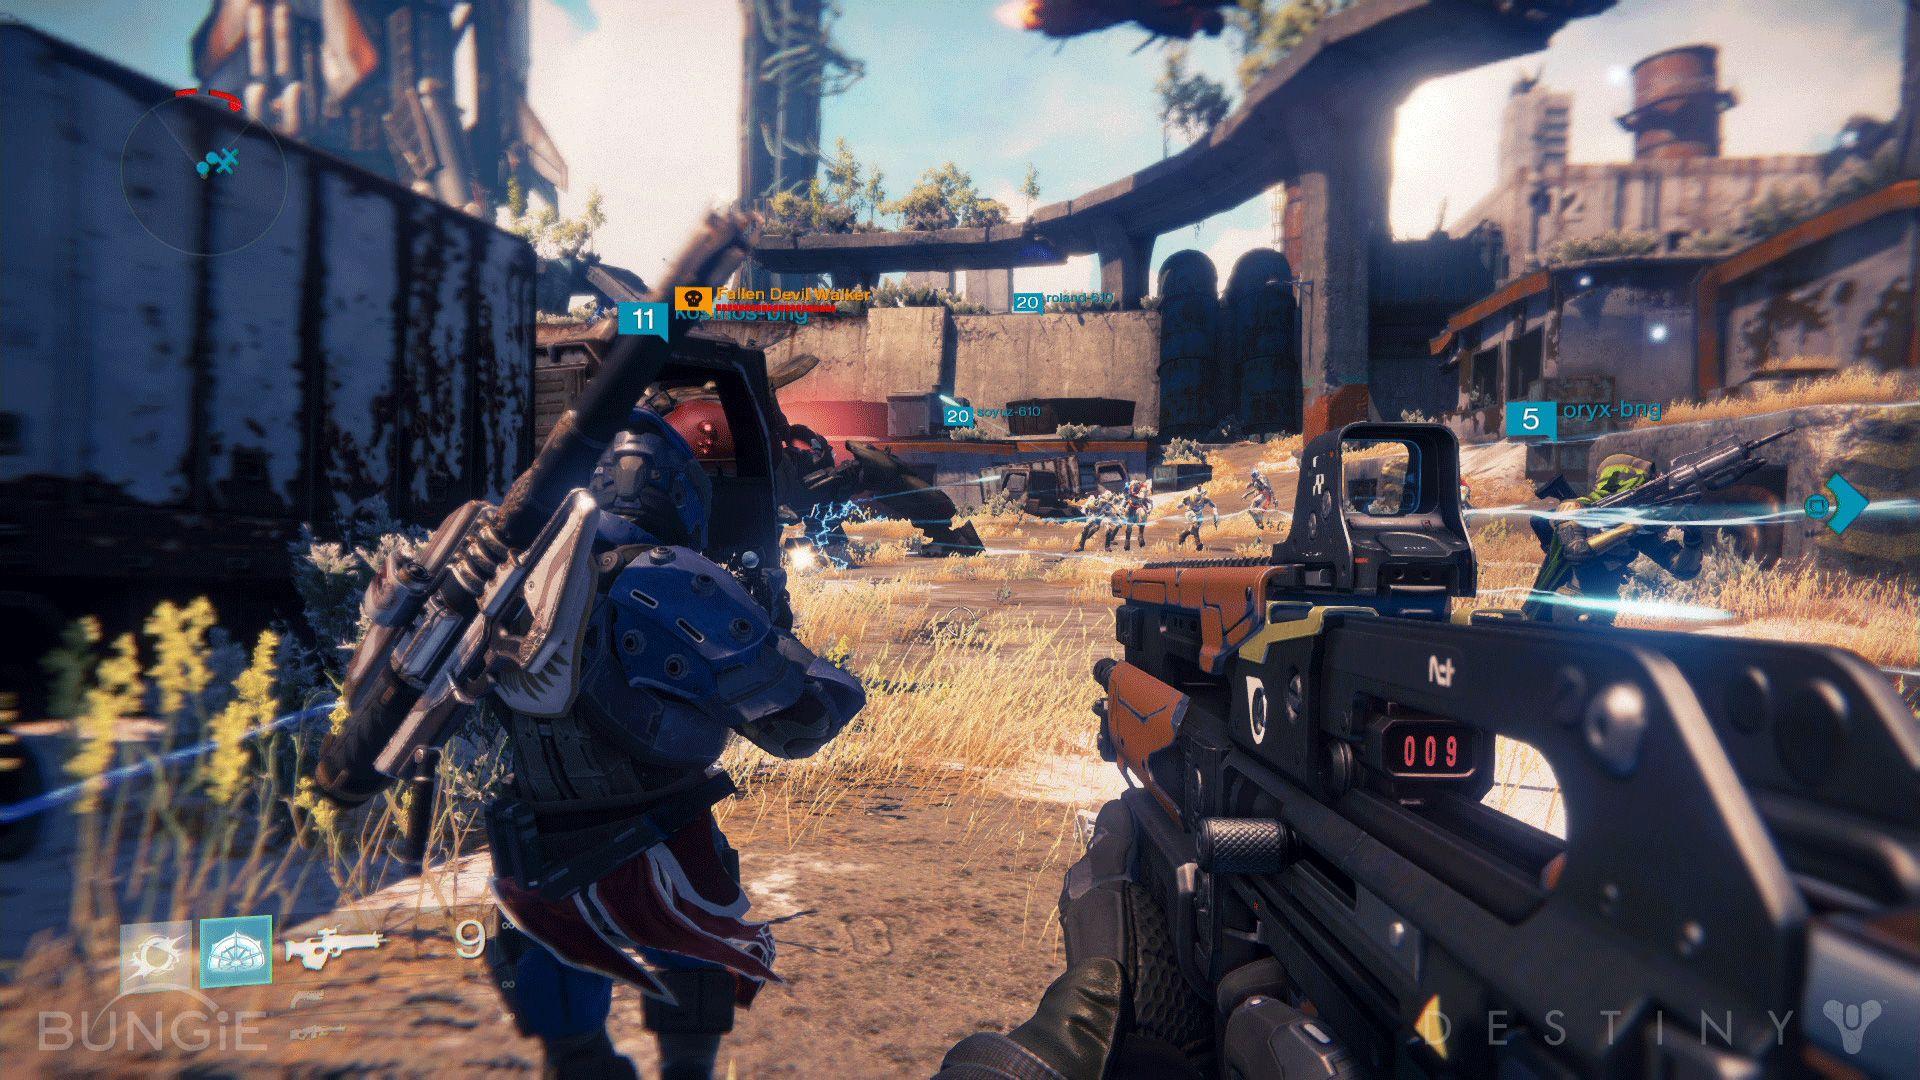 Destiny Scout Rifle